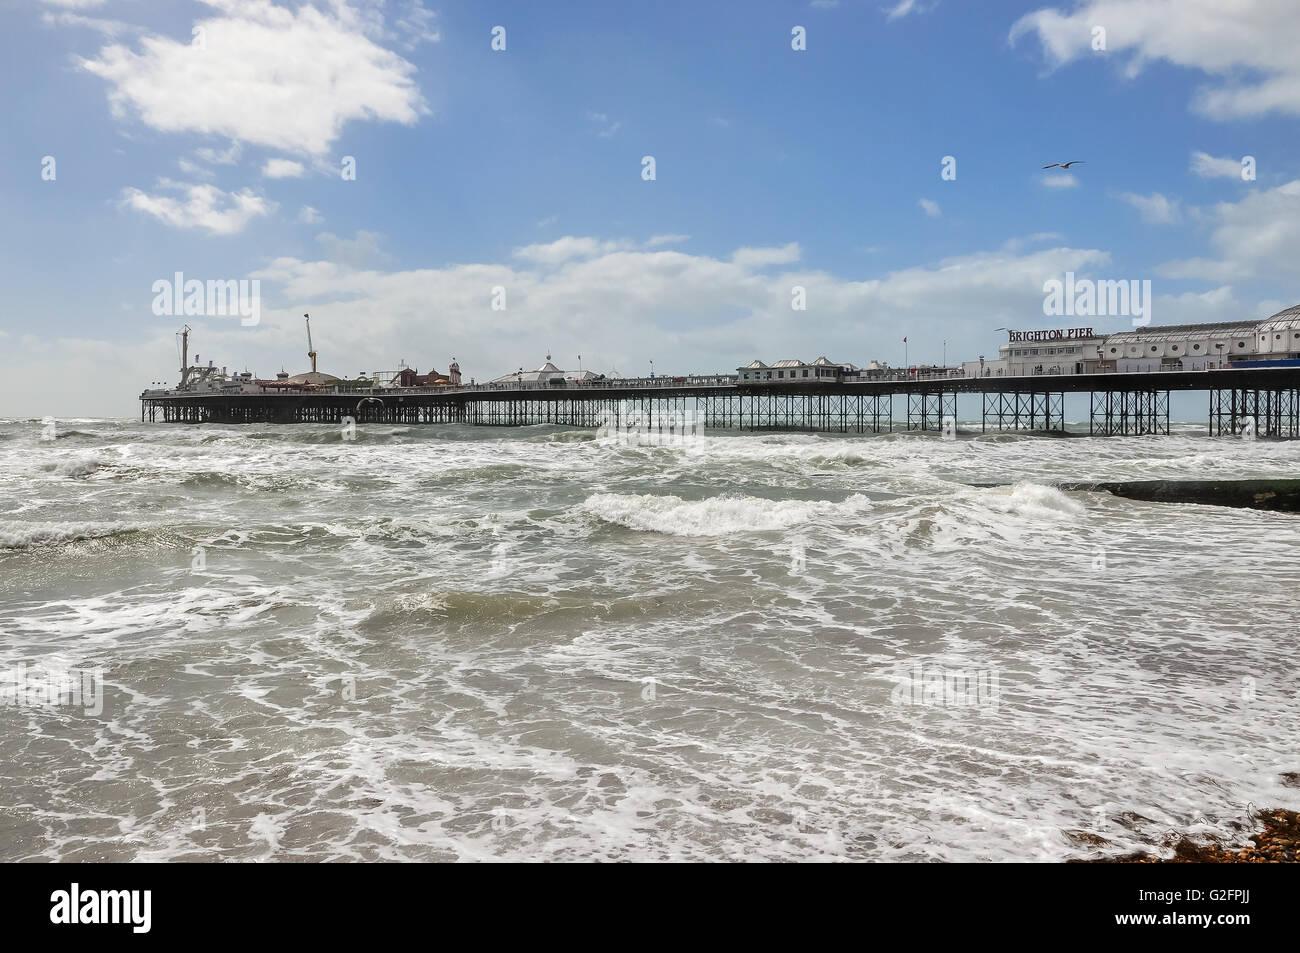 Vue sur l'état de la mer et de la jetée de Brighton par un jour de vent, Royaume-Uni Photo Stock